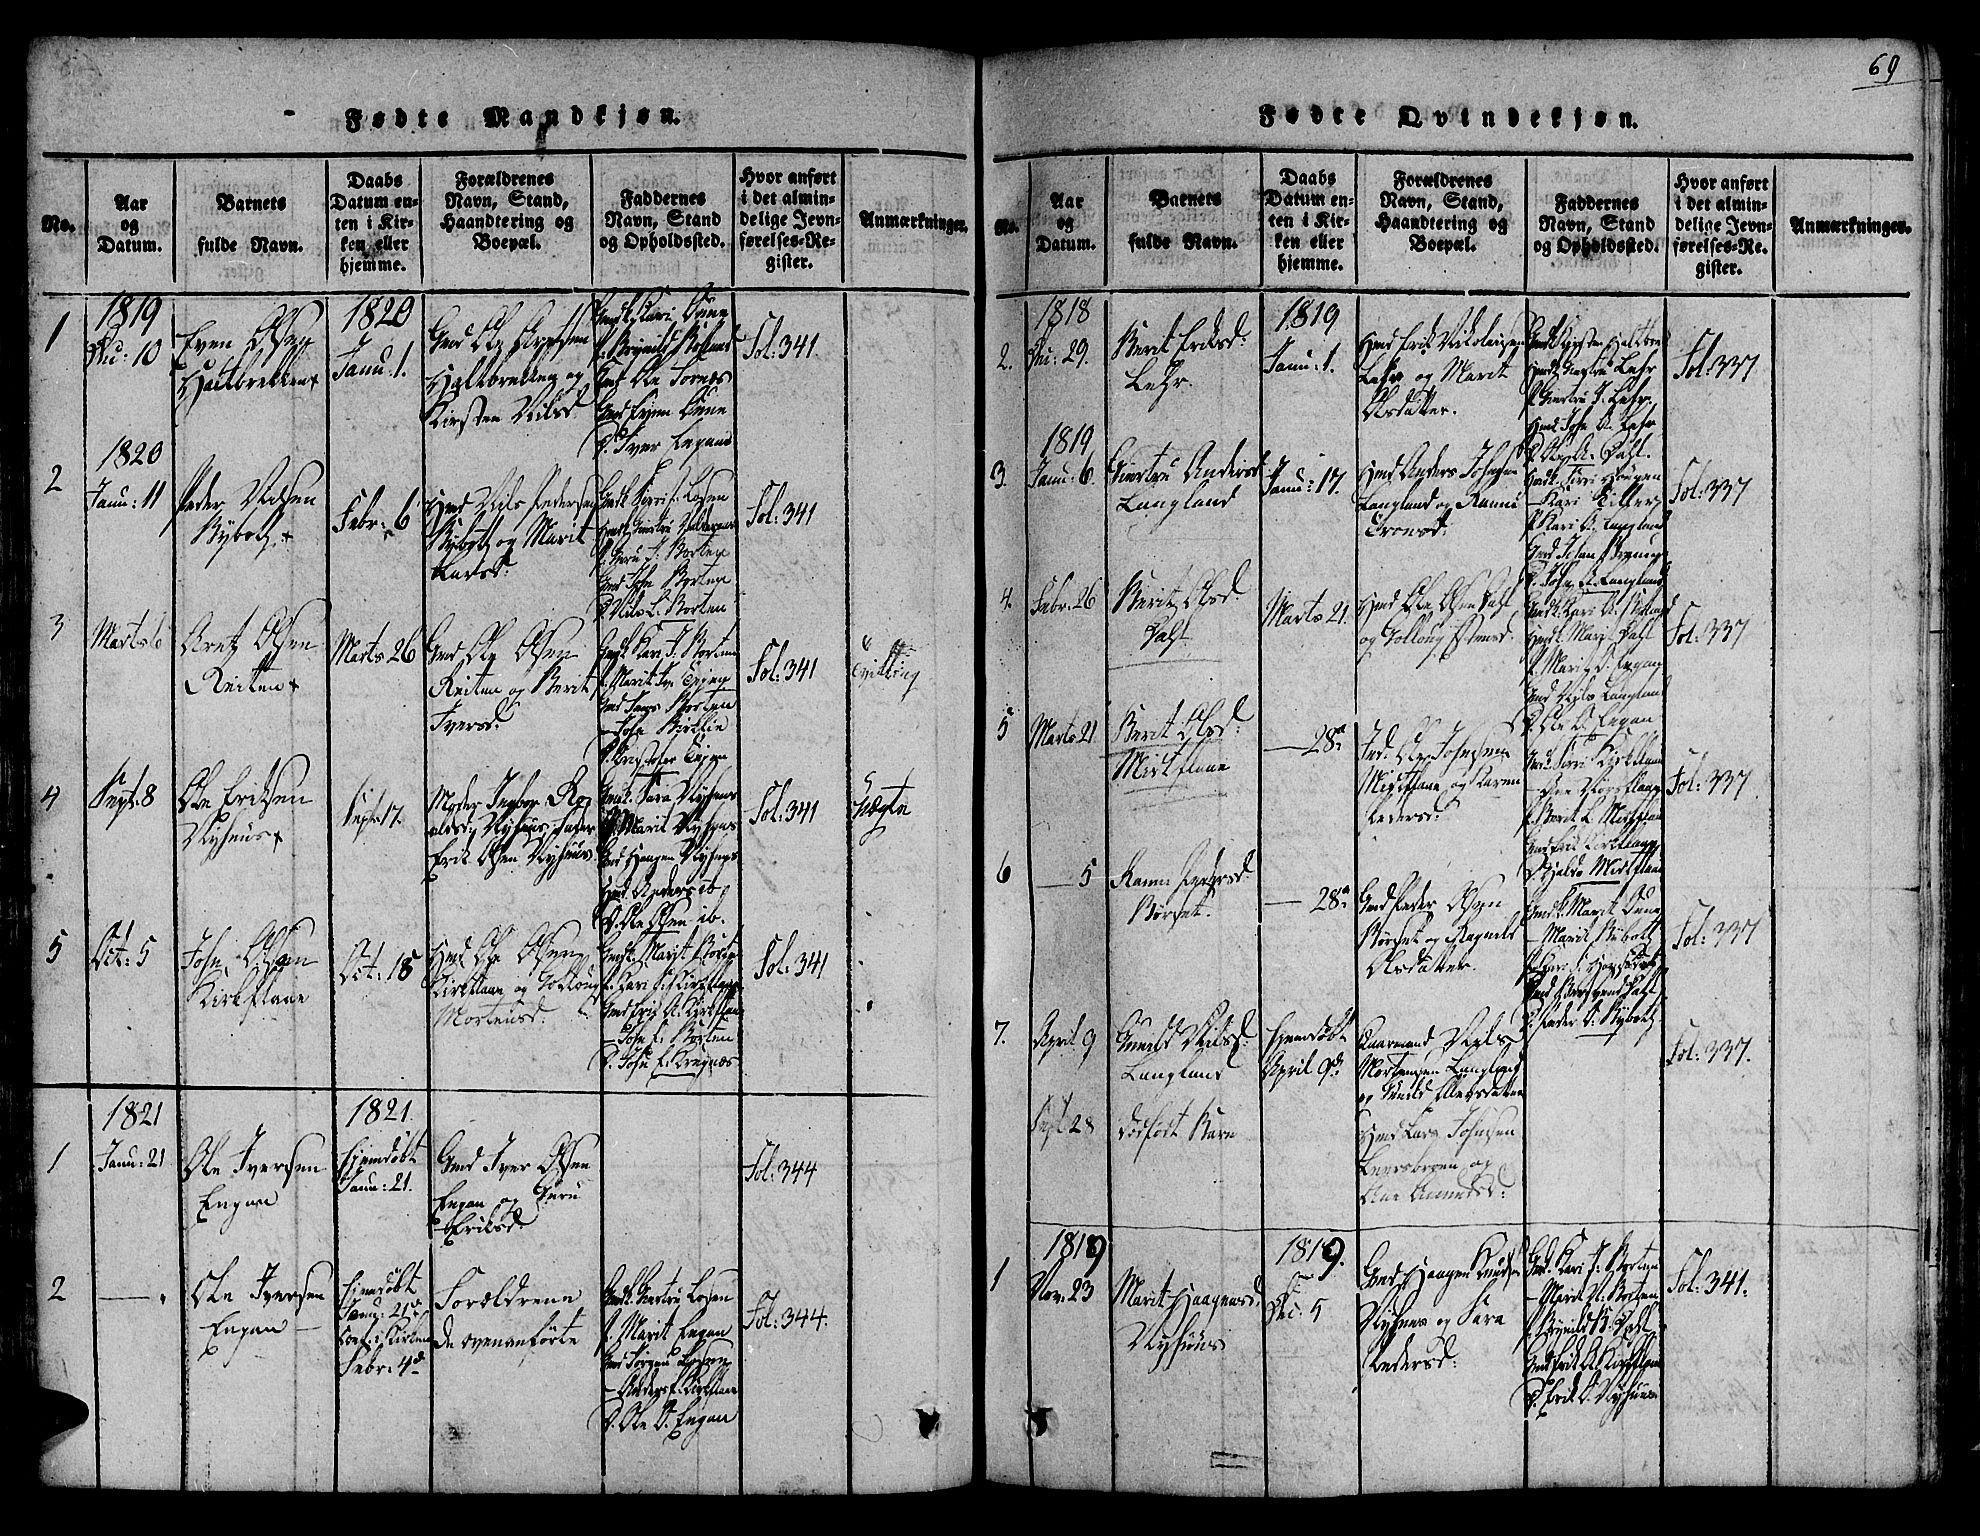 SAT, Ministerialprotokoller, klokkerbøker og fødselsregistre - Sør-Trøndelag, 691/L1066: Ministerialbok nr. 691A03 /2, 1816-1826, s. 69